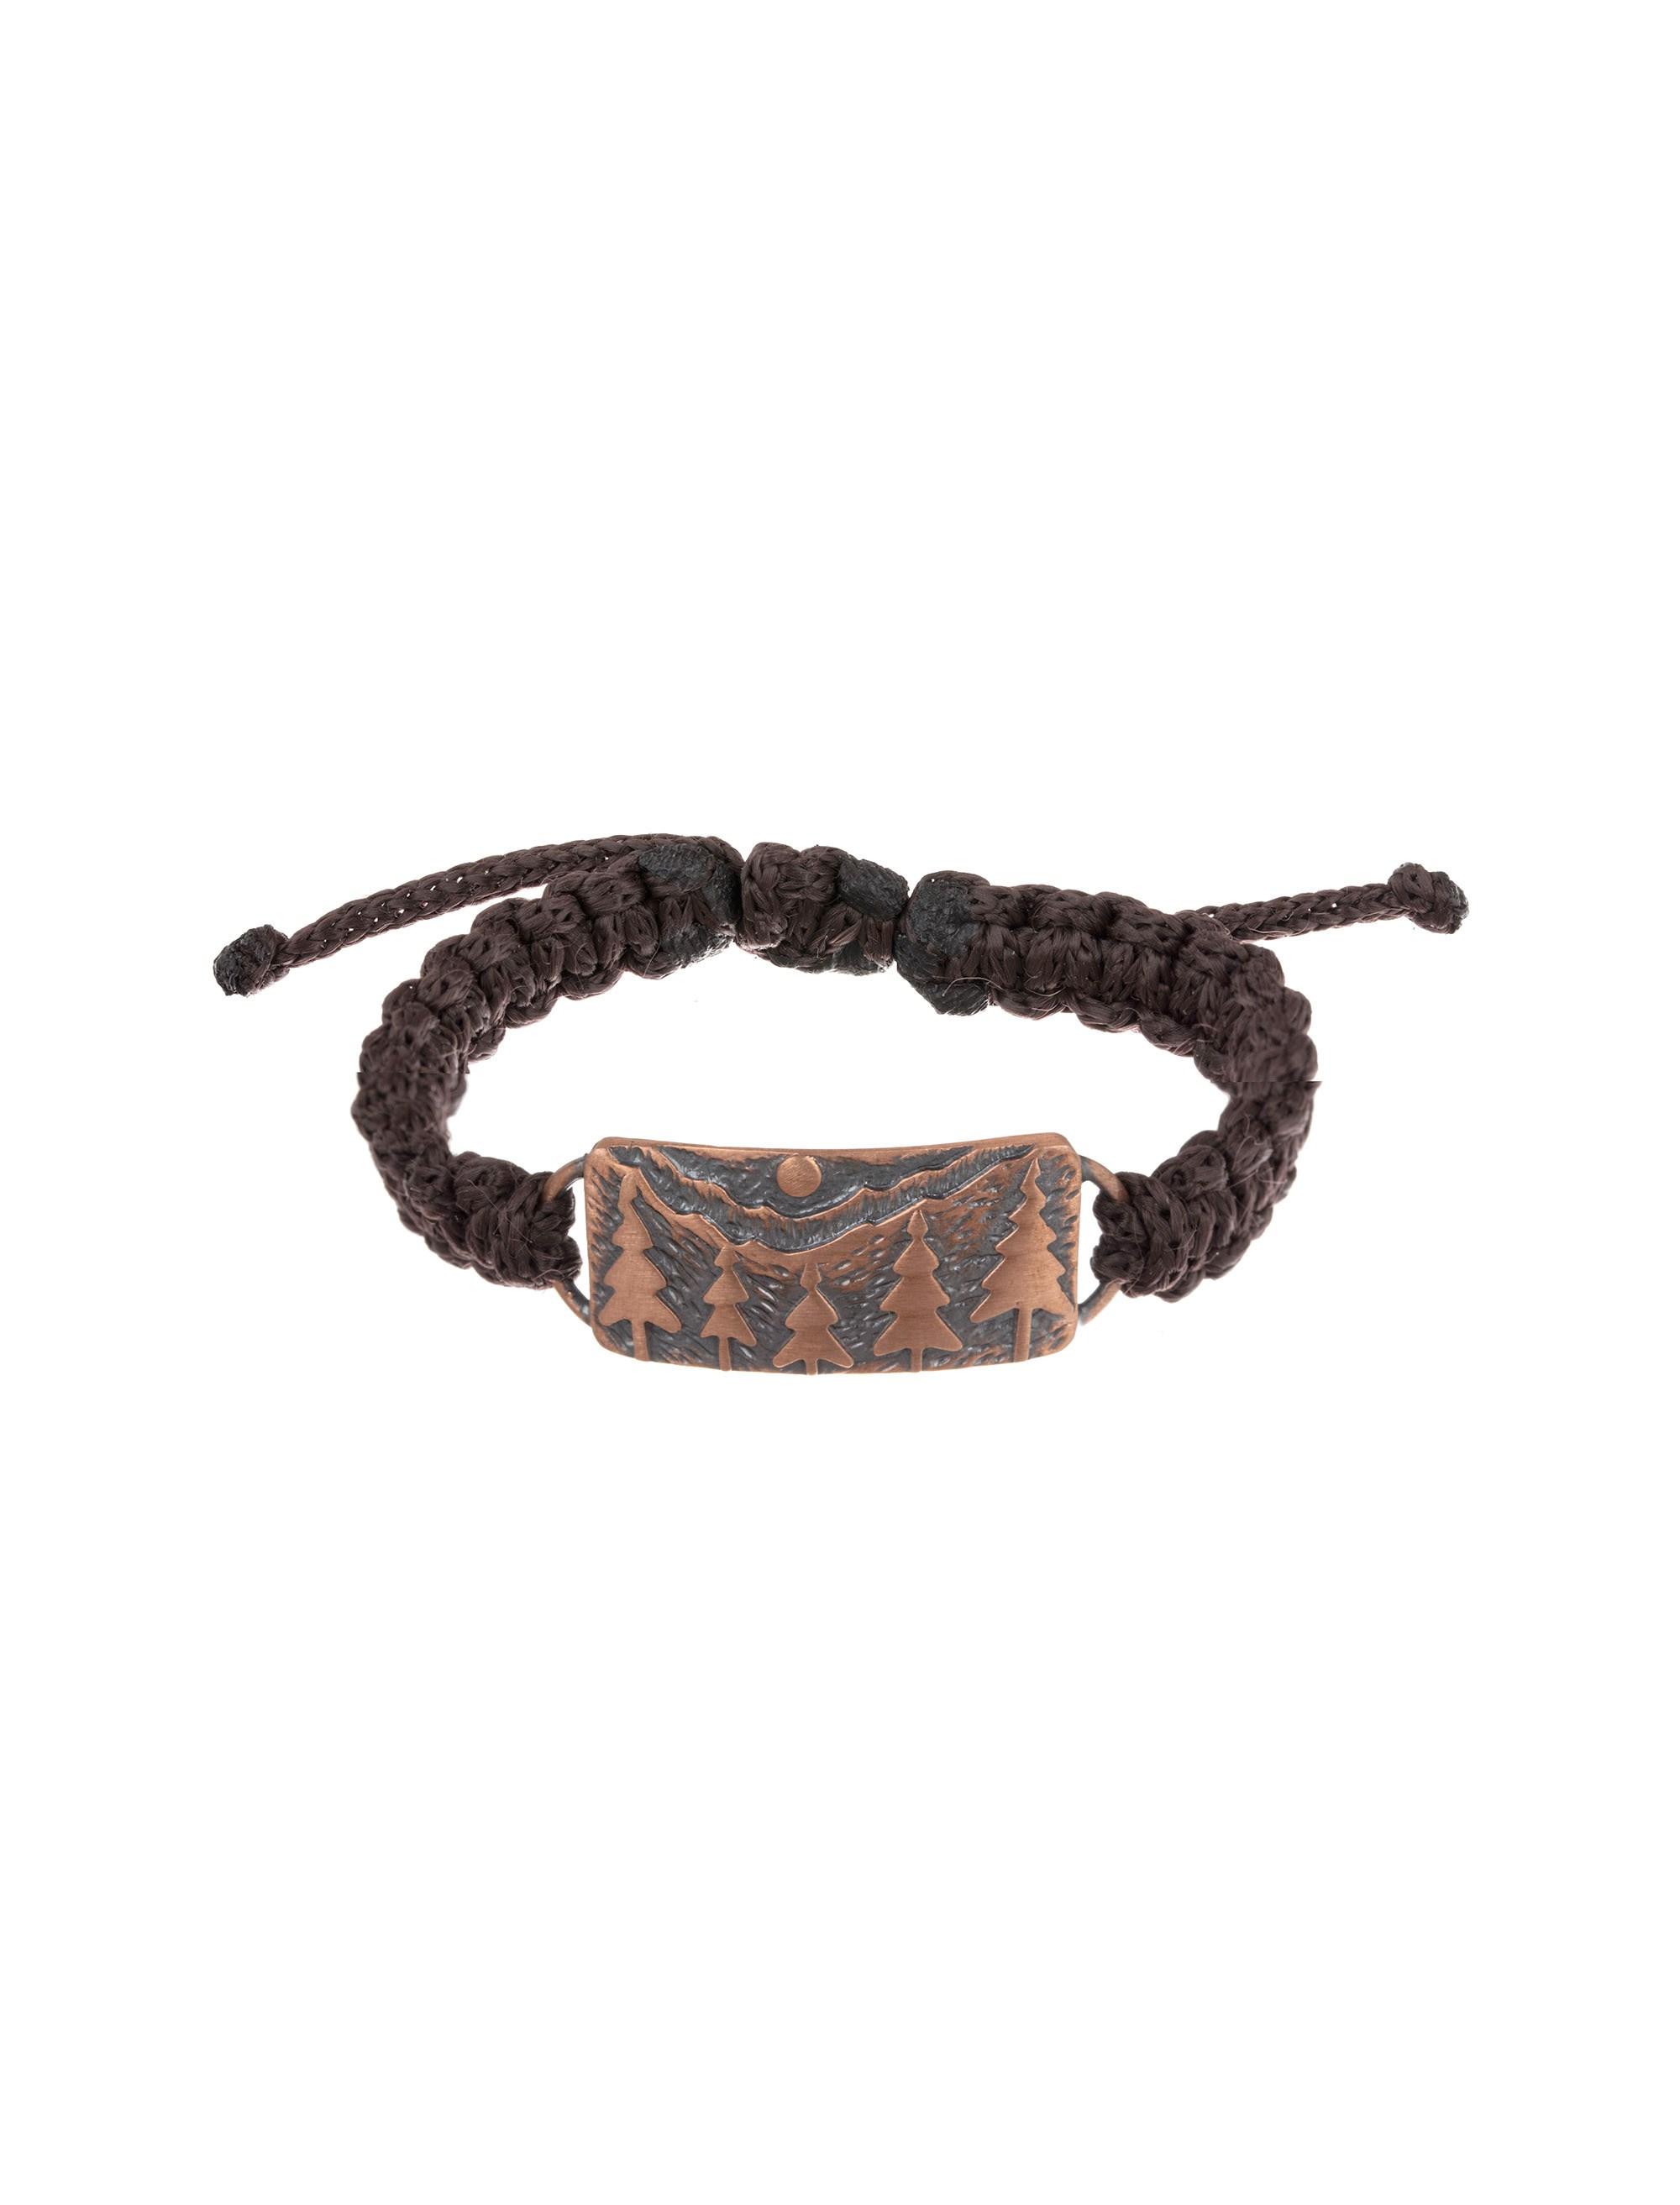 دستبند بندی بزرگسال - زرمس تک سایز